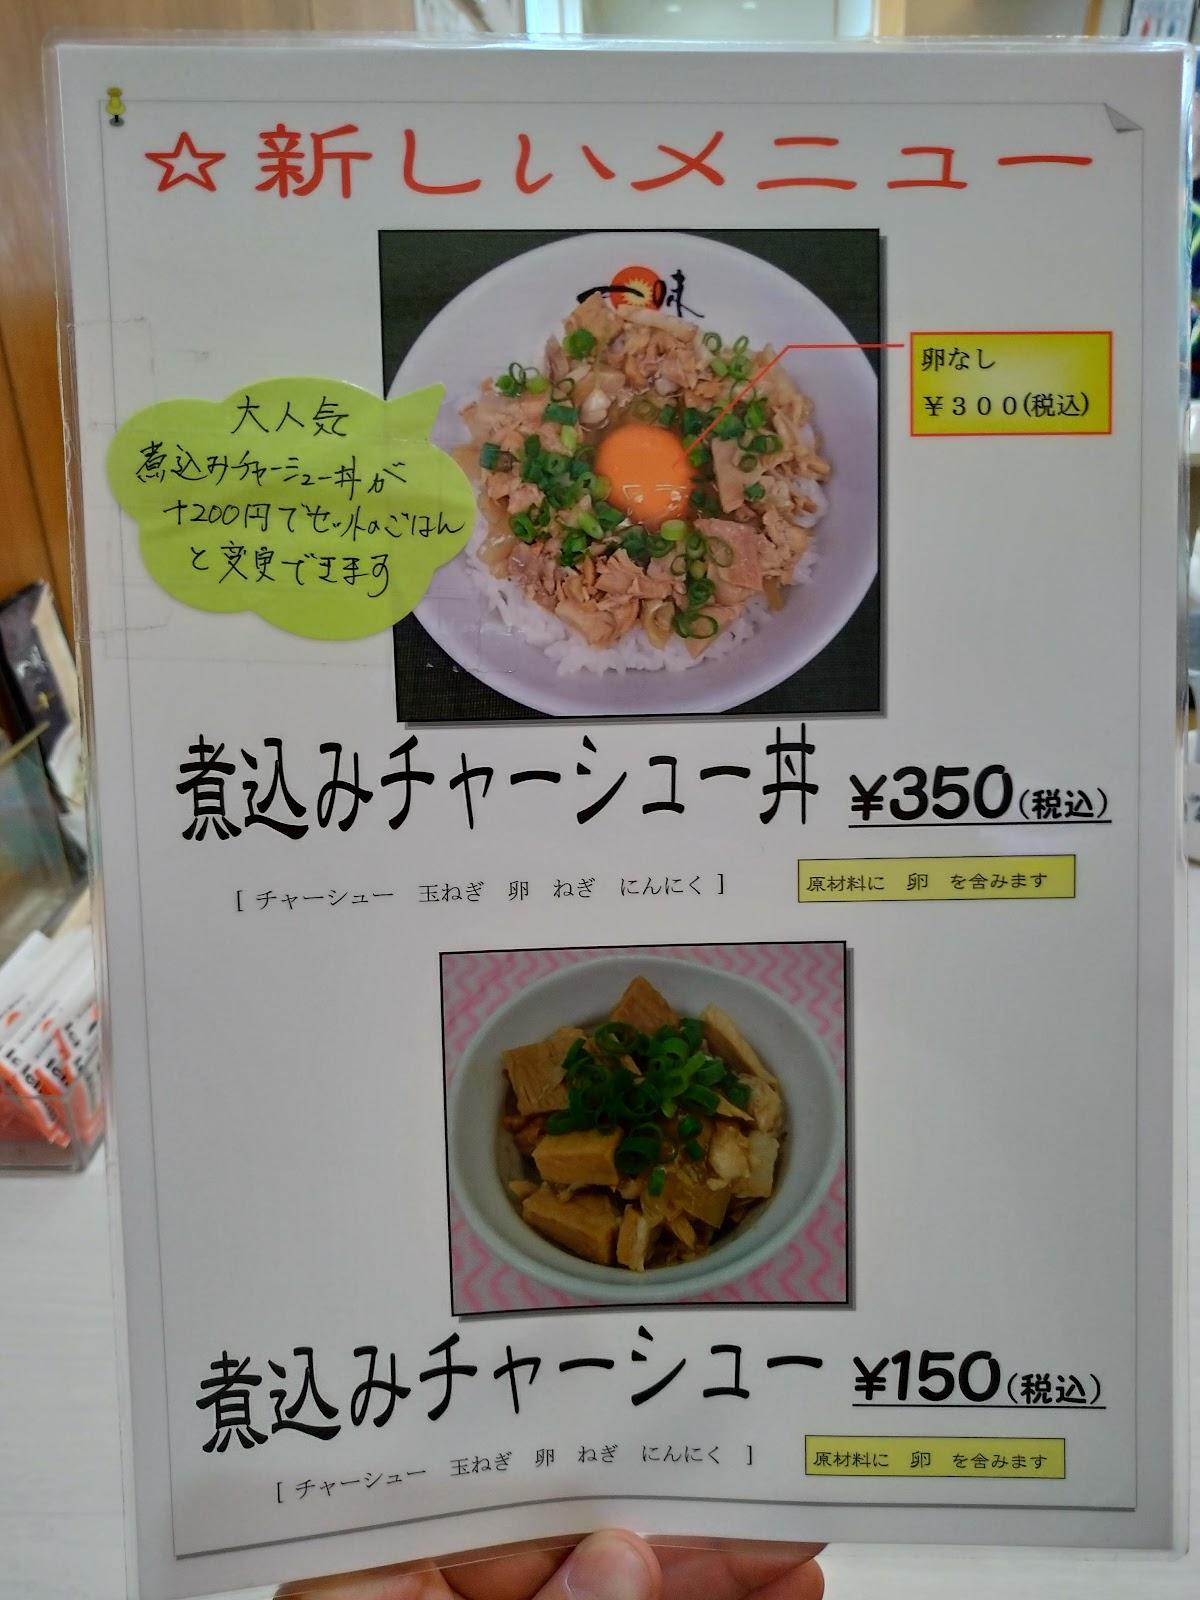 一味ラーメン鳥栖店 メニュー